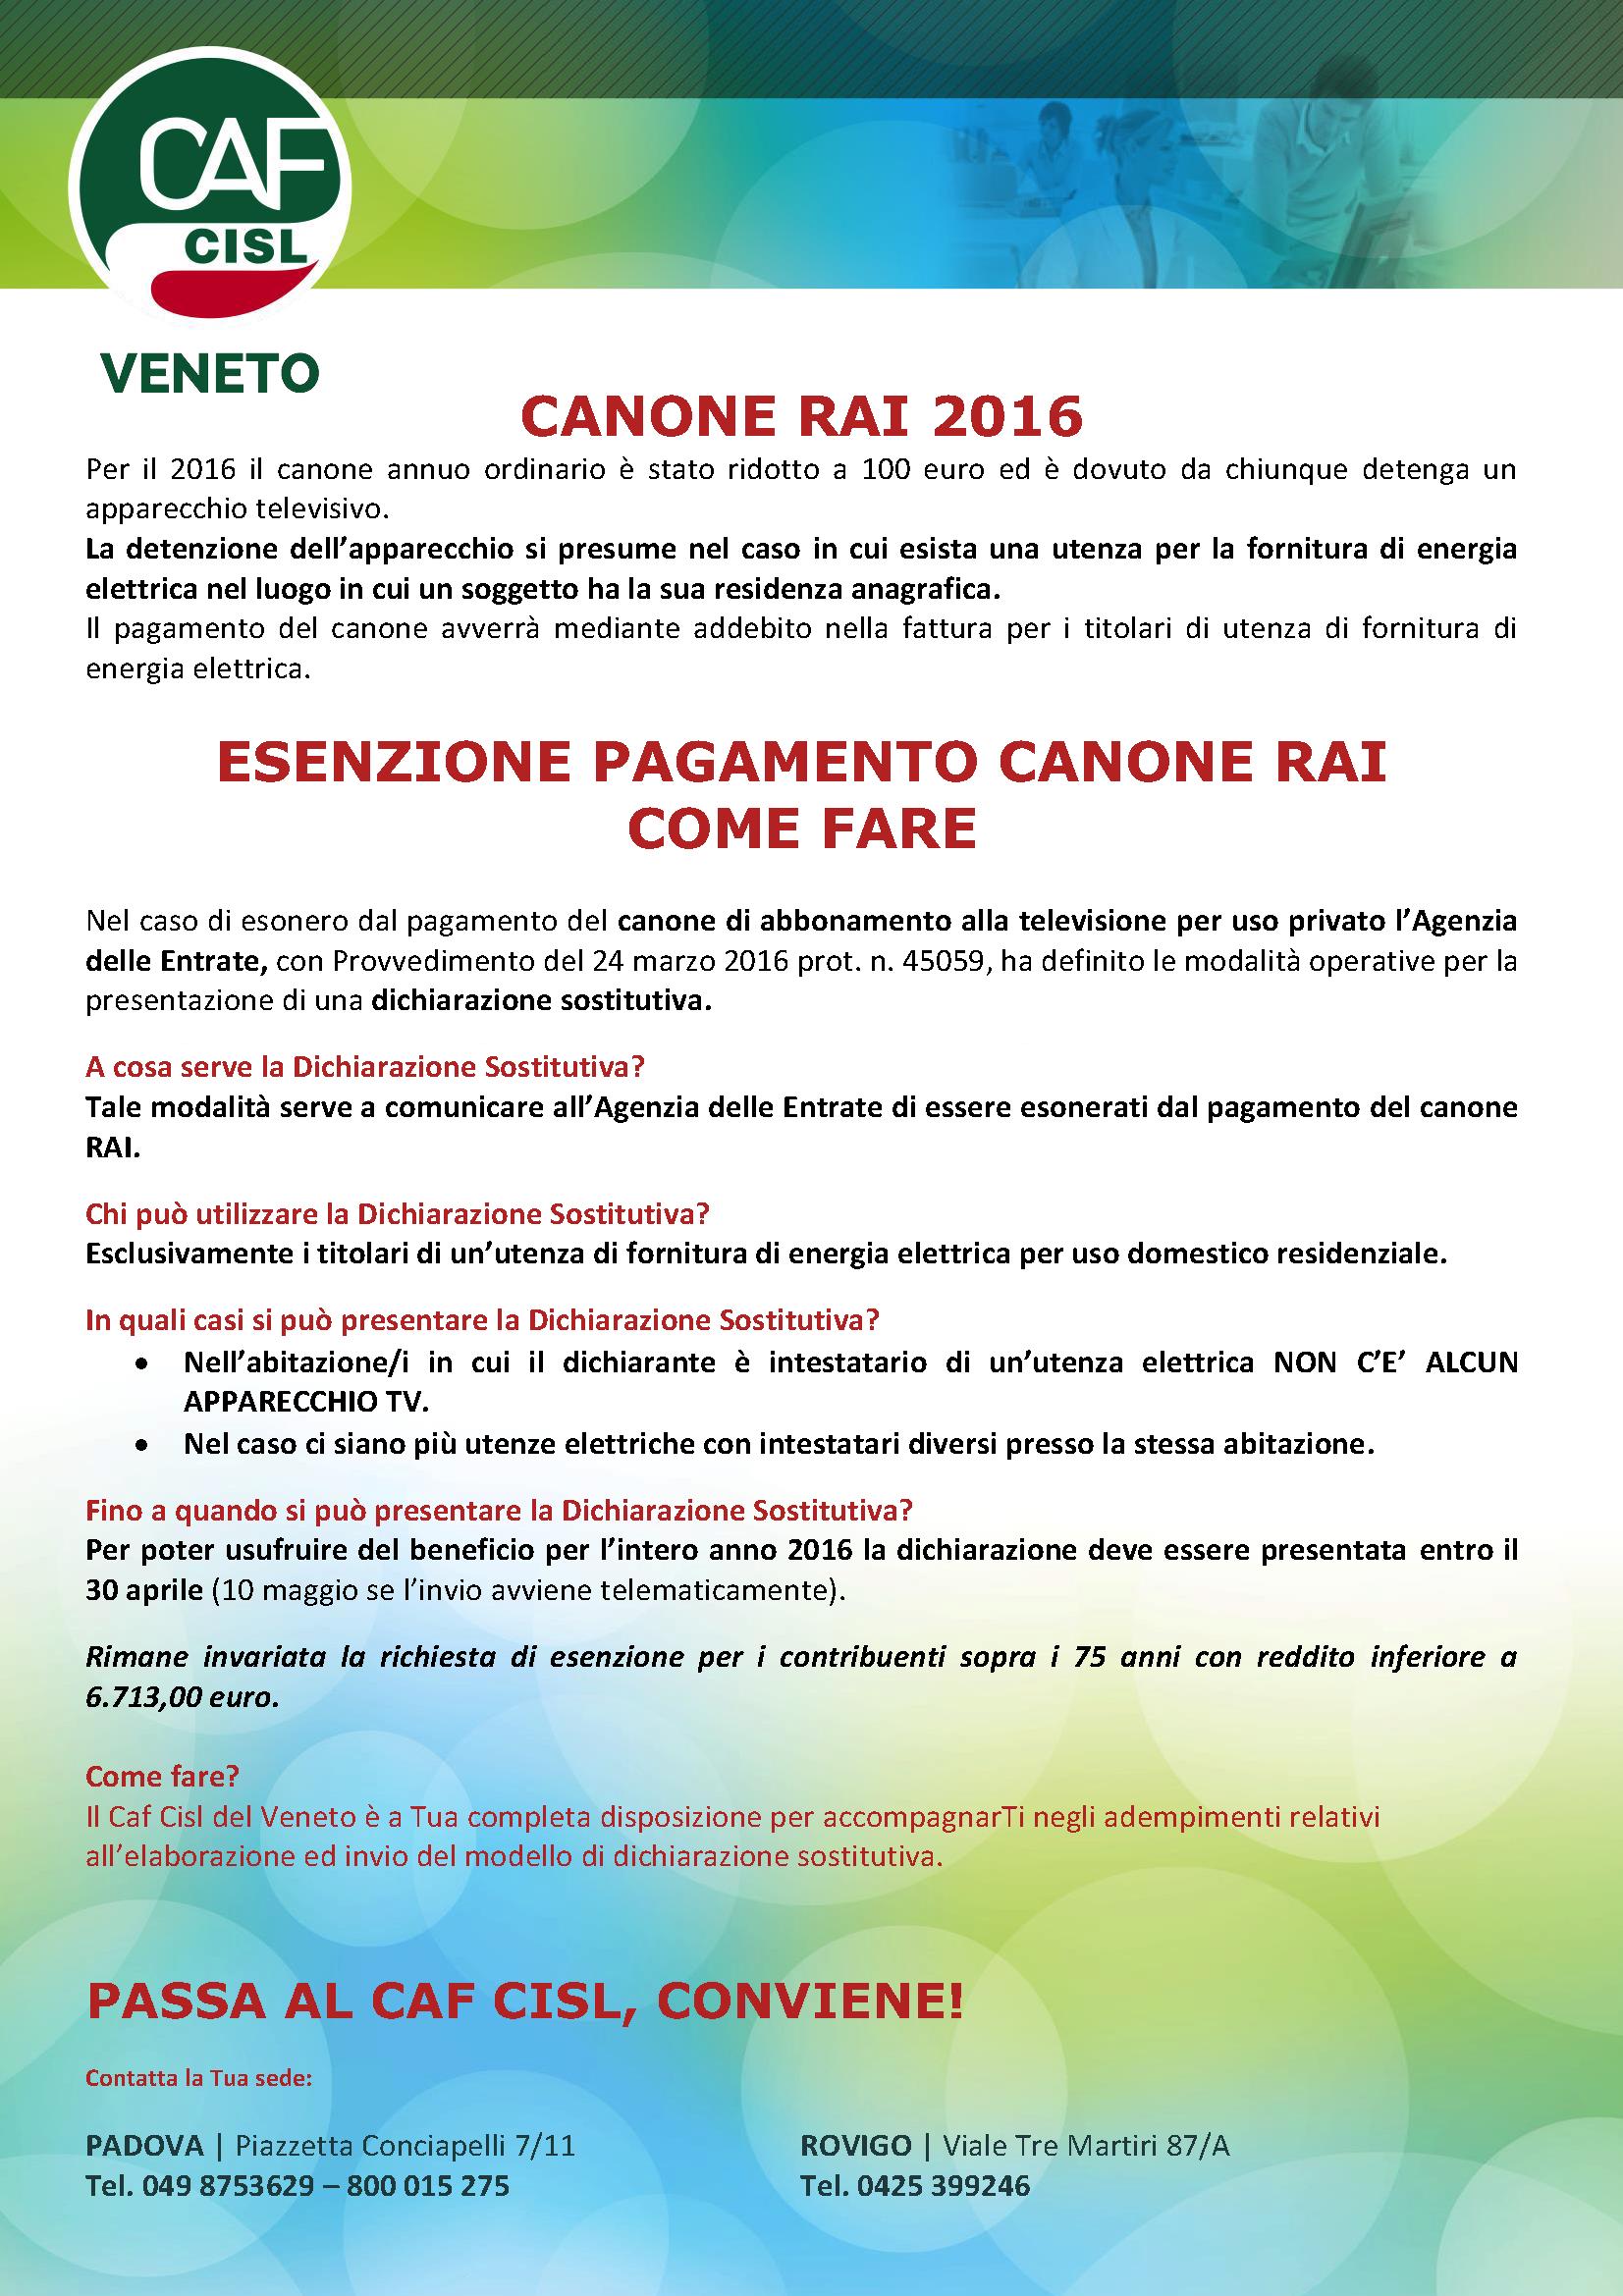 Esenzione Canone Rai 2016